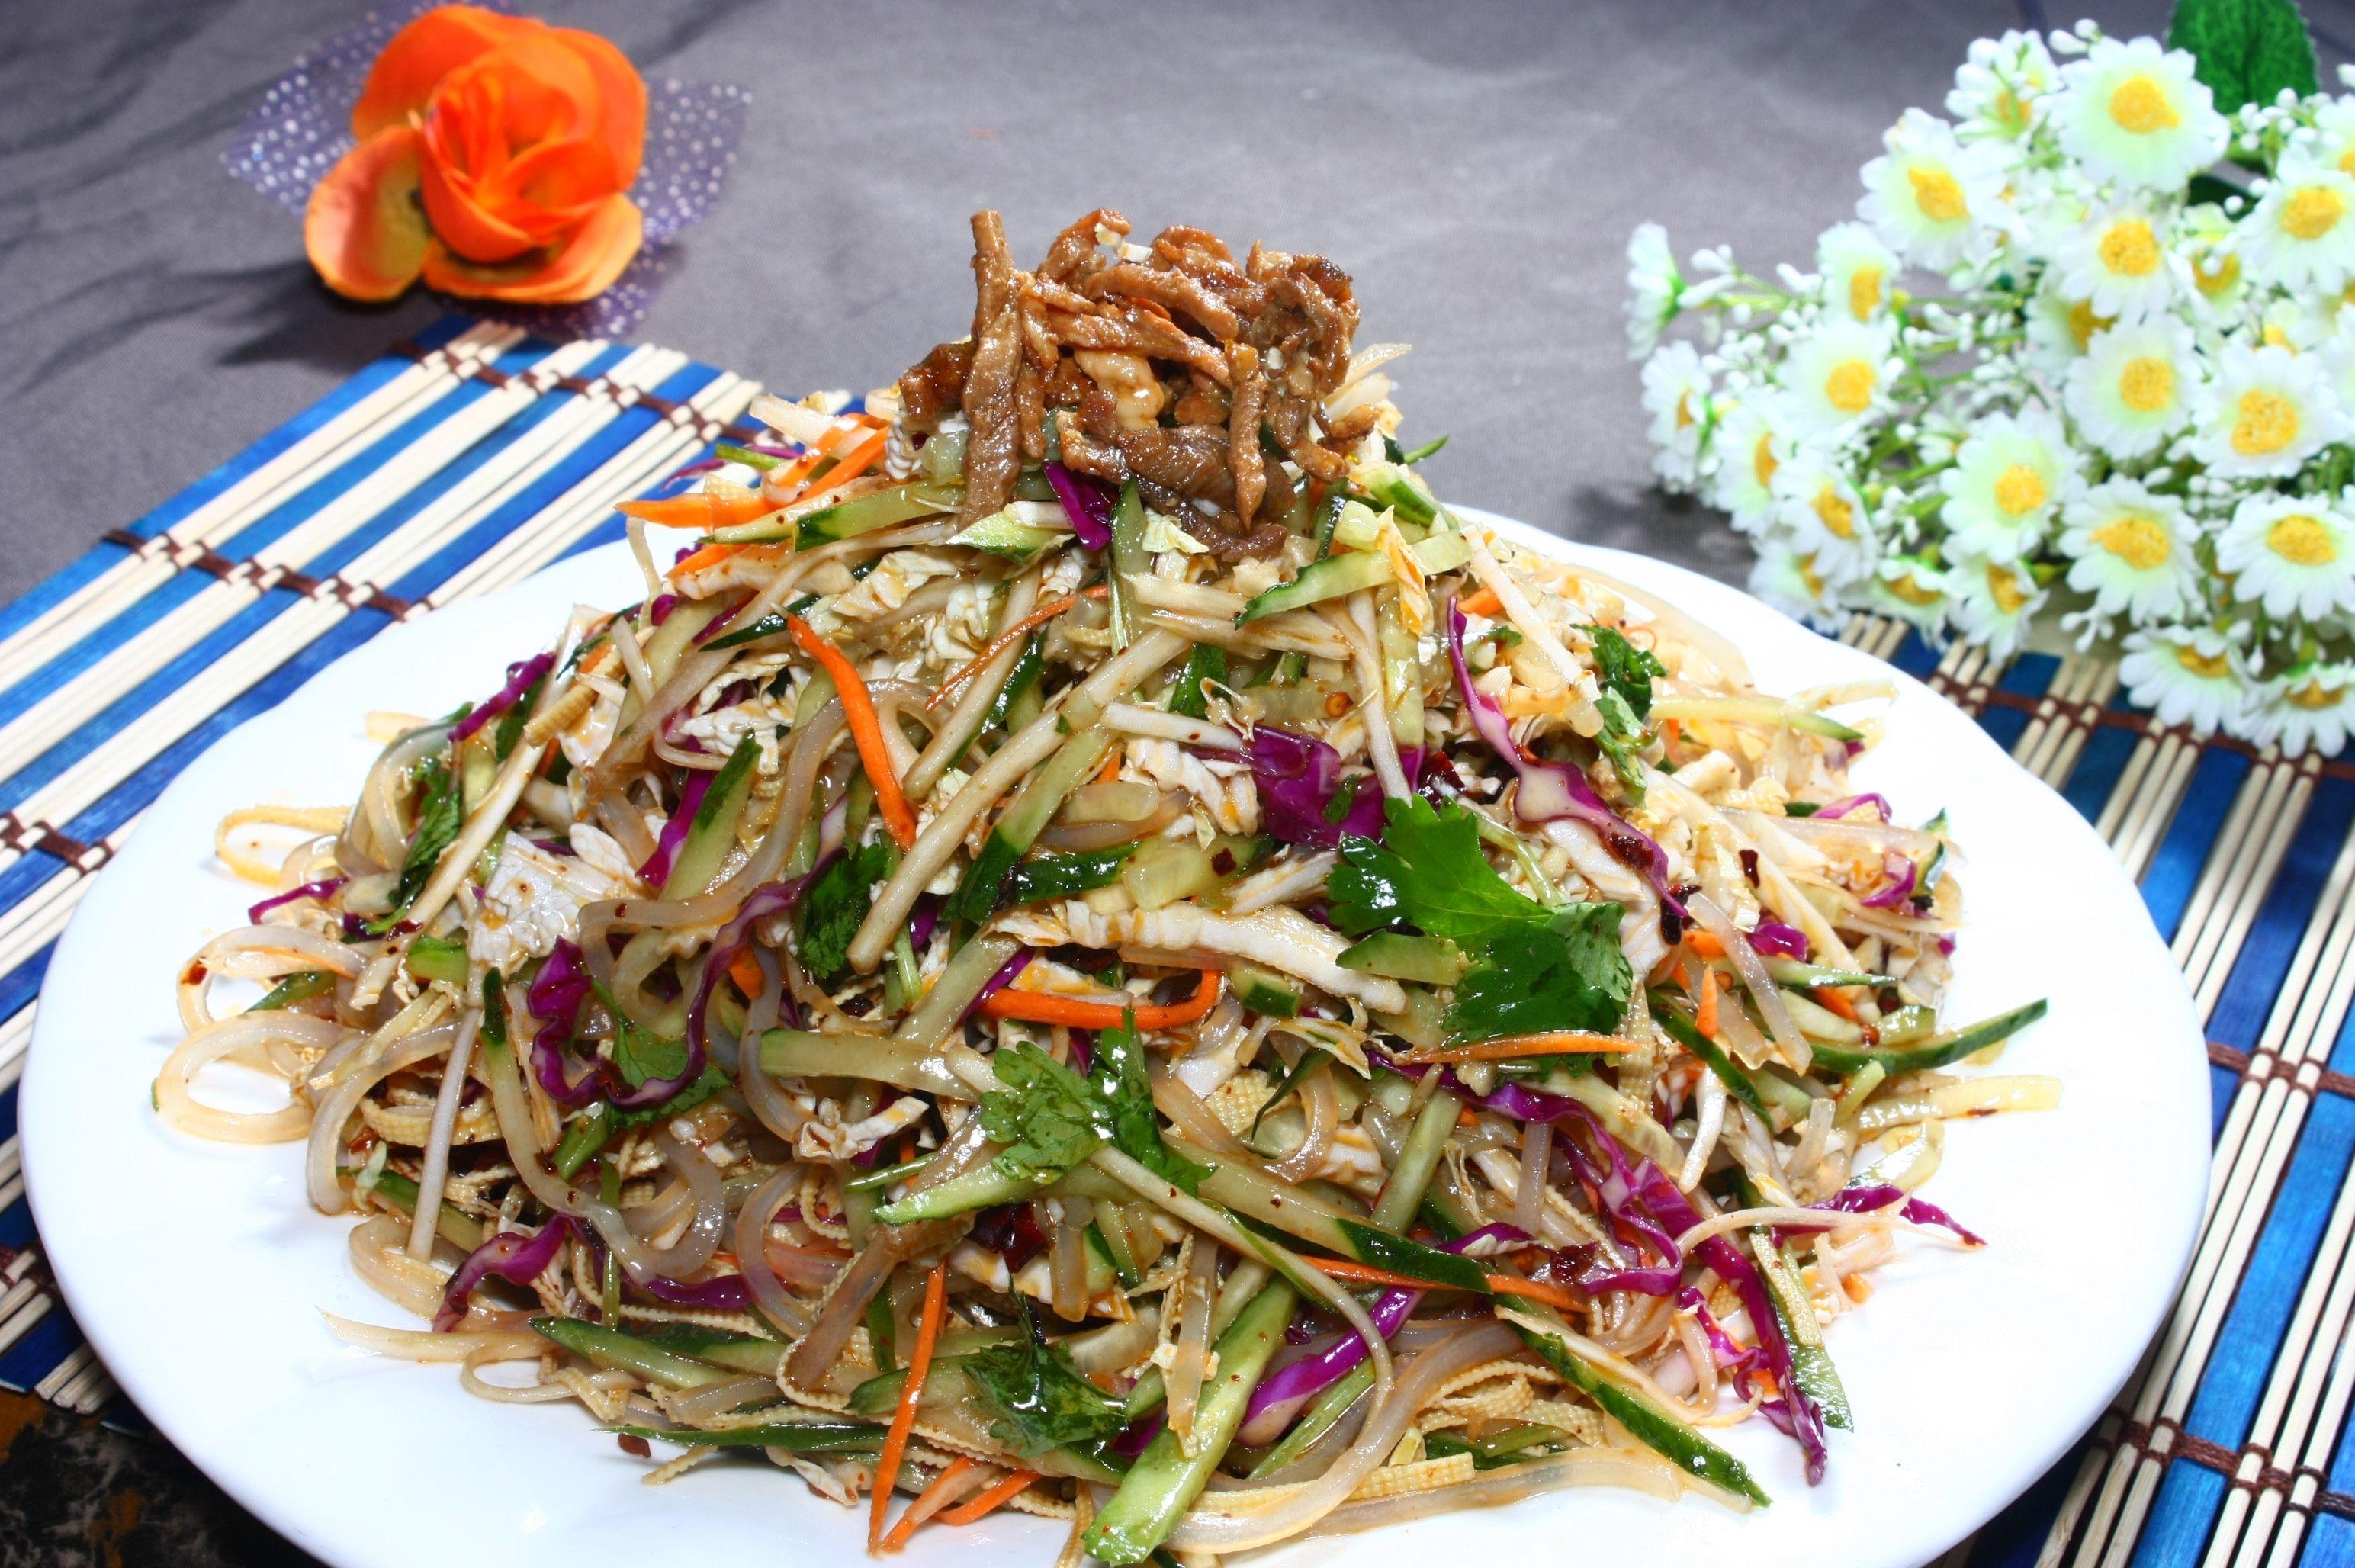 нём салат домашний китайский рецепт с фото кто может